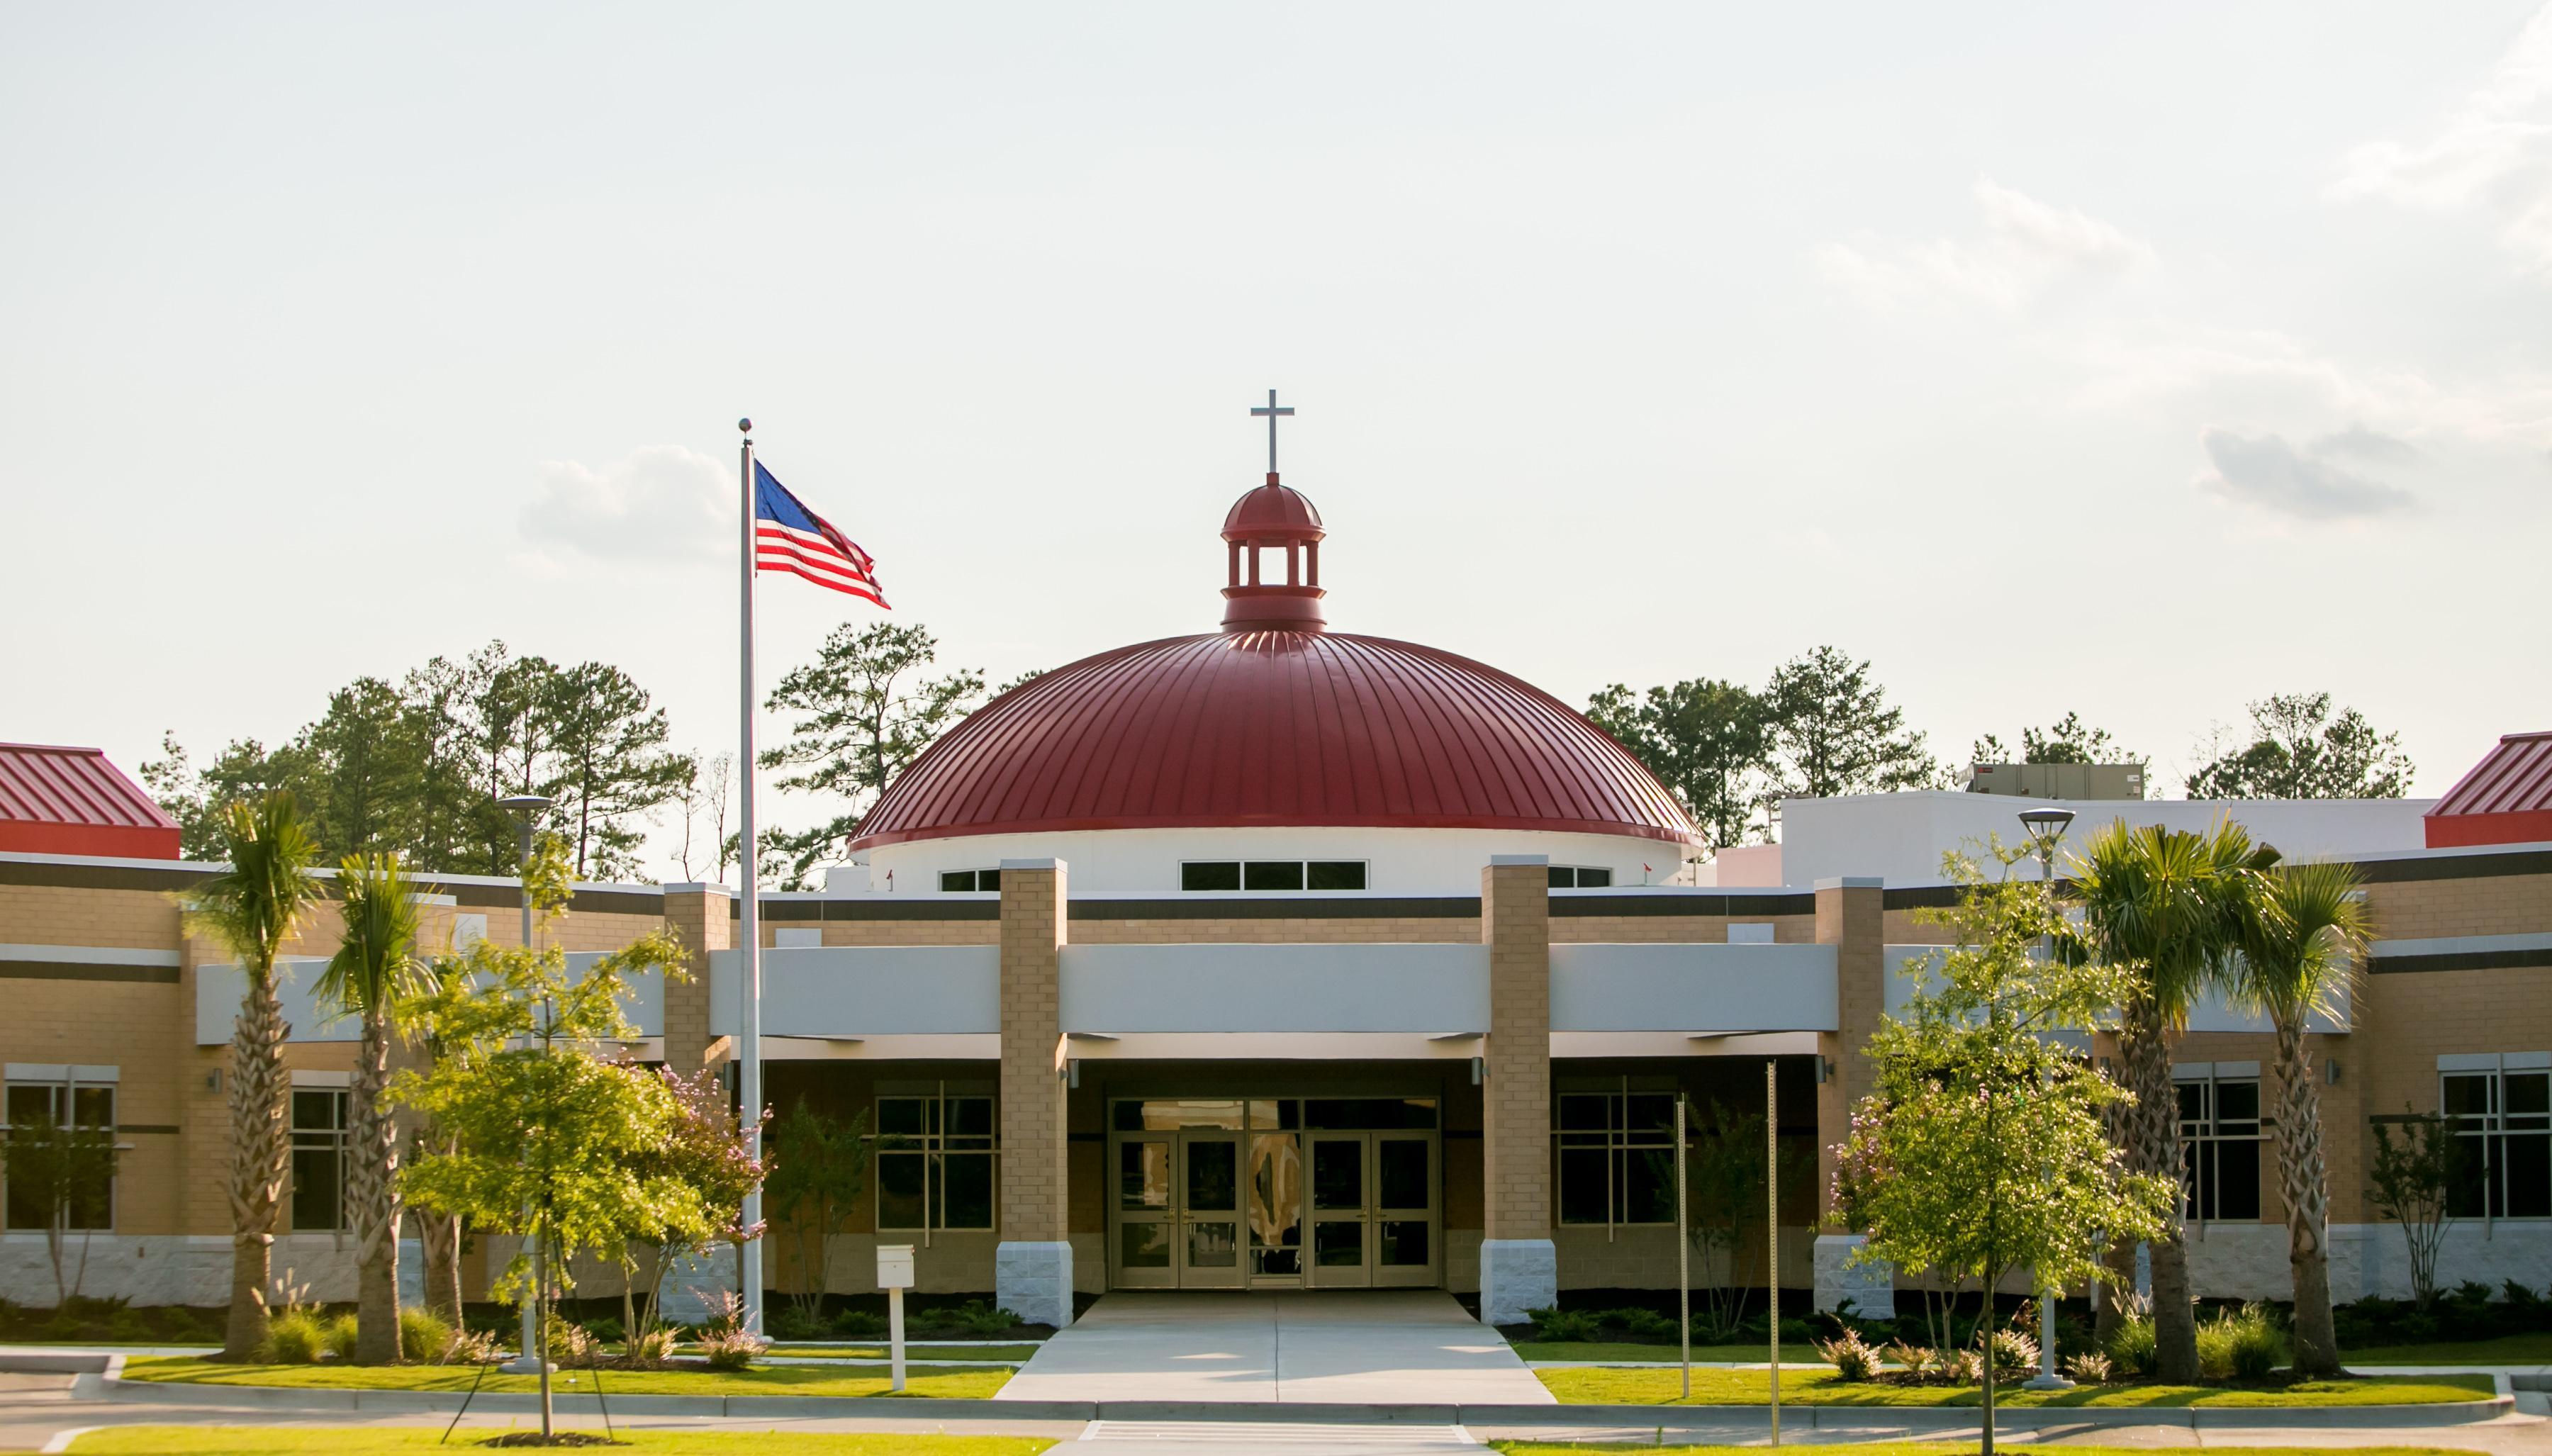 School exterior photo